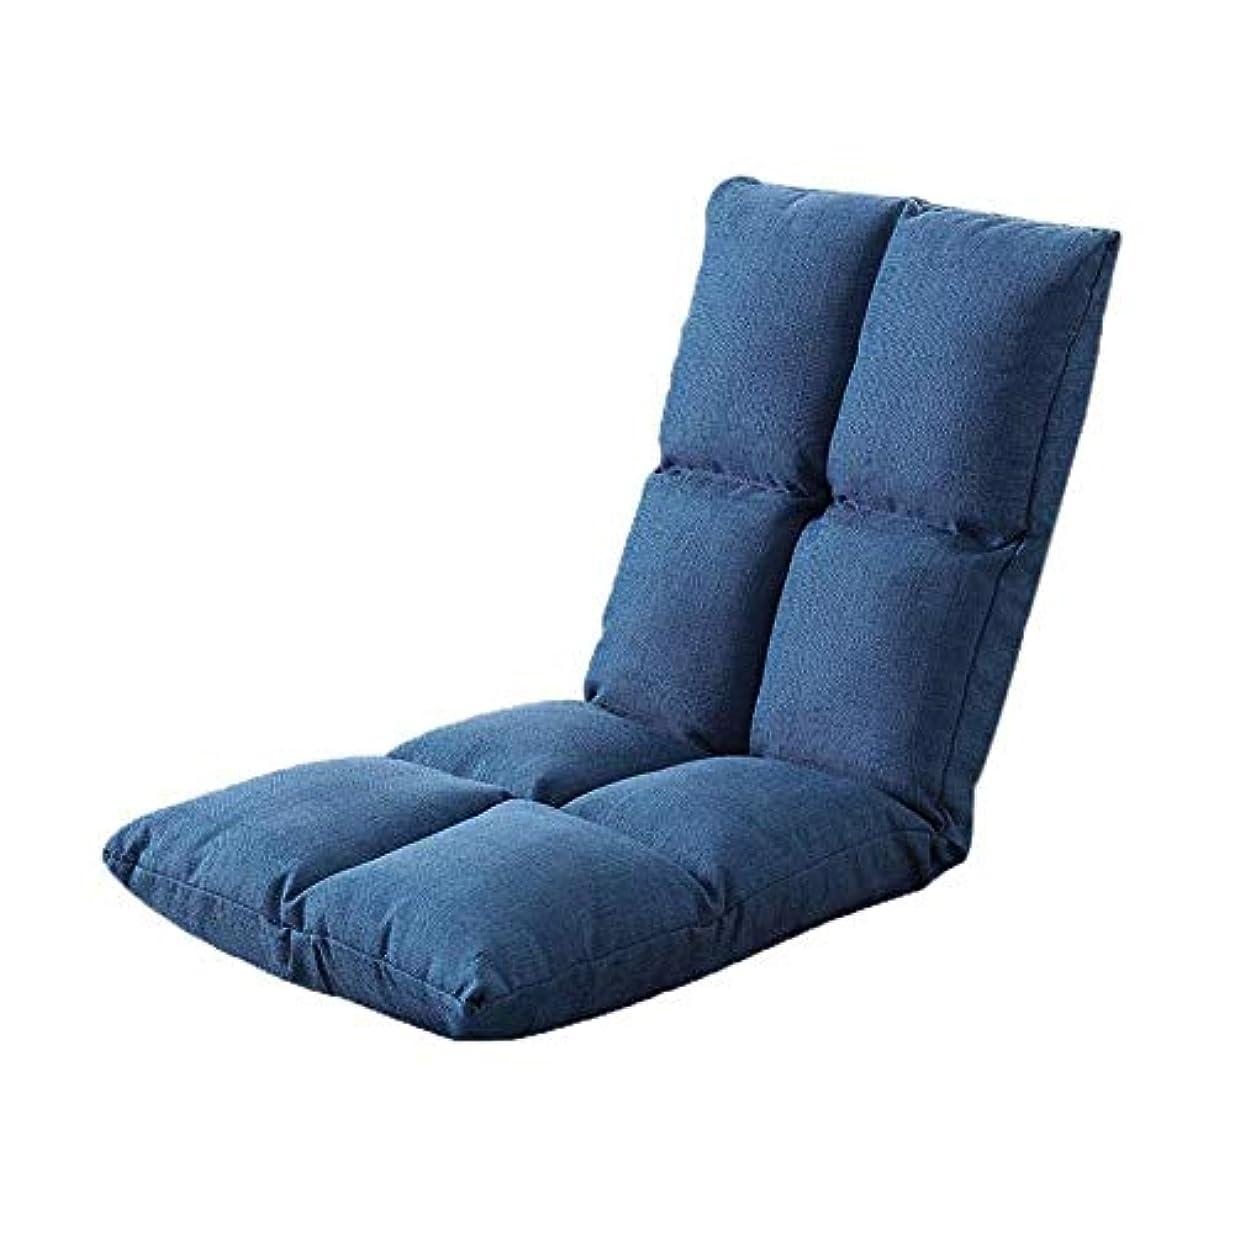 ブランデートンネルラメ瞑想用椅子、座るソファ、畳の畳の背もたれ、折り畳み式の洗える増粘剤、バルコニーの寝室のコンピューターのクッション